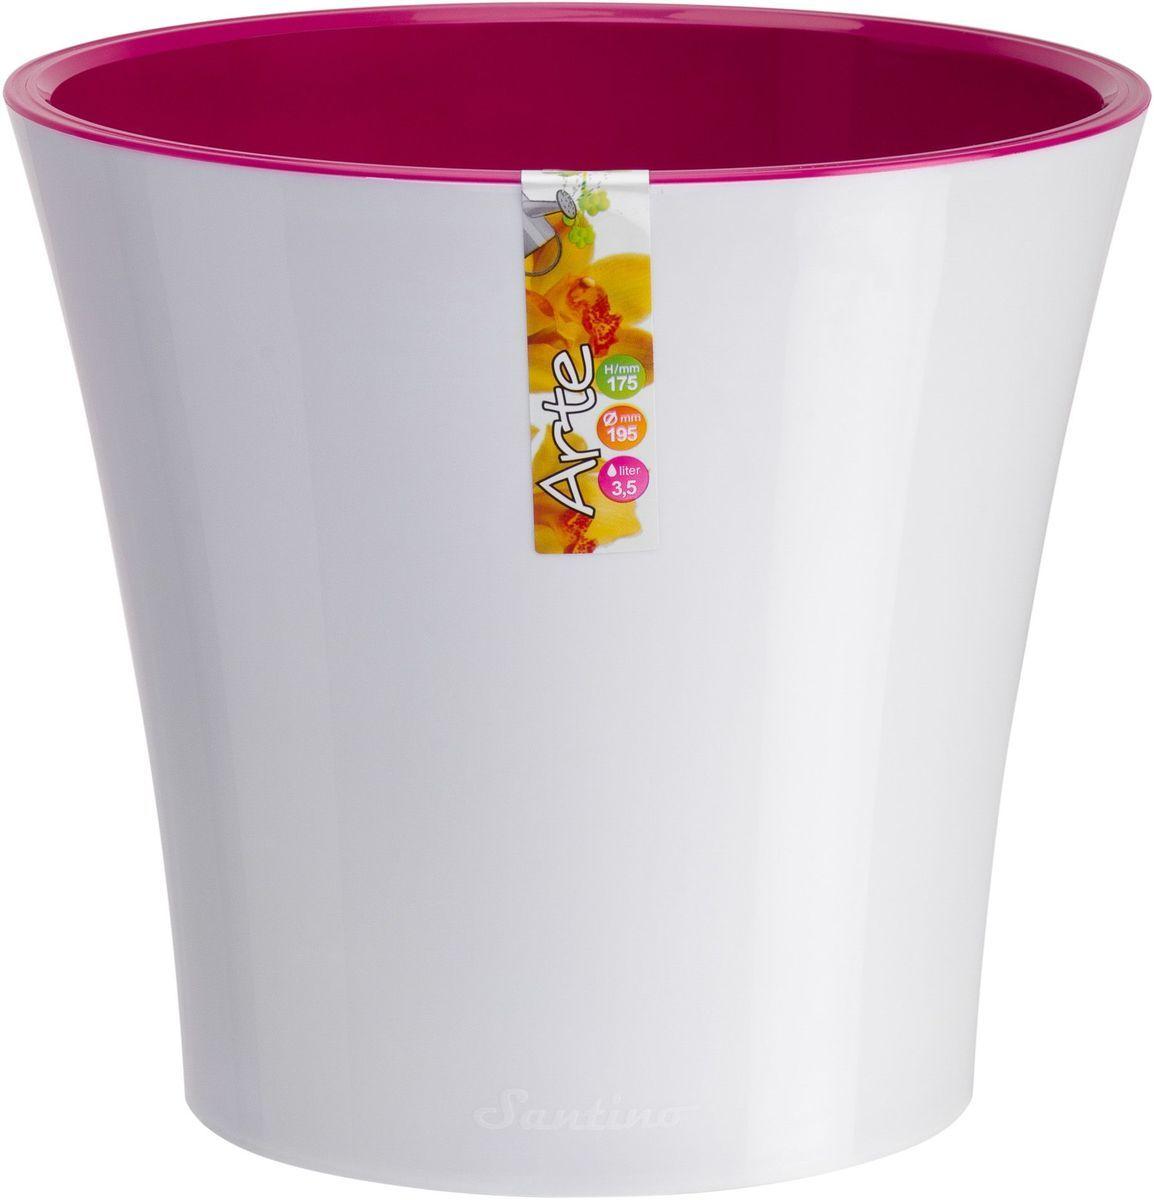 Горшок цветочный Santino Арте, двойной, с системой автополива, цвет: белый, лиловый, 3,5 л41624Горшок цветочный Santino Арте снабжен дренажной системой и состоит из кашпо и вазона-вкладыша. Изготовлен из пластика. Особенность: тарелочка или блюдце не нужны. Горшок предназначен для любых растений или цветов. Цветочный дренаж – это система, которая позволяет выводить лишнюю влагу через корневую систему цветка и слой почвы. Растение – это живой организм, следовательно, ему необходимо дышать. В доступе к кислороду нуждаются все части растения: -листья; -корневая система. Если цветовод по какой-либо причине зальет цветок водой, то она буквально вытеснит из почвенного слоя все пузырьки кислорода. Анаэробная среда способствует развитию различного рода бактерий. Безвоздушная среда приводит к загниванию корневой системы, цветок в результате увядает. Суть работы дренажной системы заключается в том, чтобы осуществлять отвод лишней влаги от растения и давать возможность корневой системе дышать без проблем. Следовательно, каждому цветку необходимо: -иметь в основании цветочного горшочка хотя бы одно небольшое дренажное отверстие. Оно необходимо для того, чтобы через него выходила лишняя вода, плюс ко всему это отверстие дает возможность циркулировать воздух. -на самом дне горшка необходимо выложить слоем в 2-5 см (зависит от вида растения) дренаж.УВАЖАЕМЫЕ КЛИЕНТЫ!Обращаем ваше внимание на тот факт, что фото изделия служит для визуального восприятия товара. Литраж и размеры, представленные на этикетке товара, могут по факту отличаться от реальных. Корректные данные в поле Размеры.